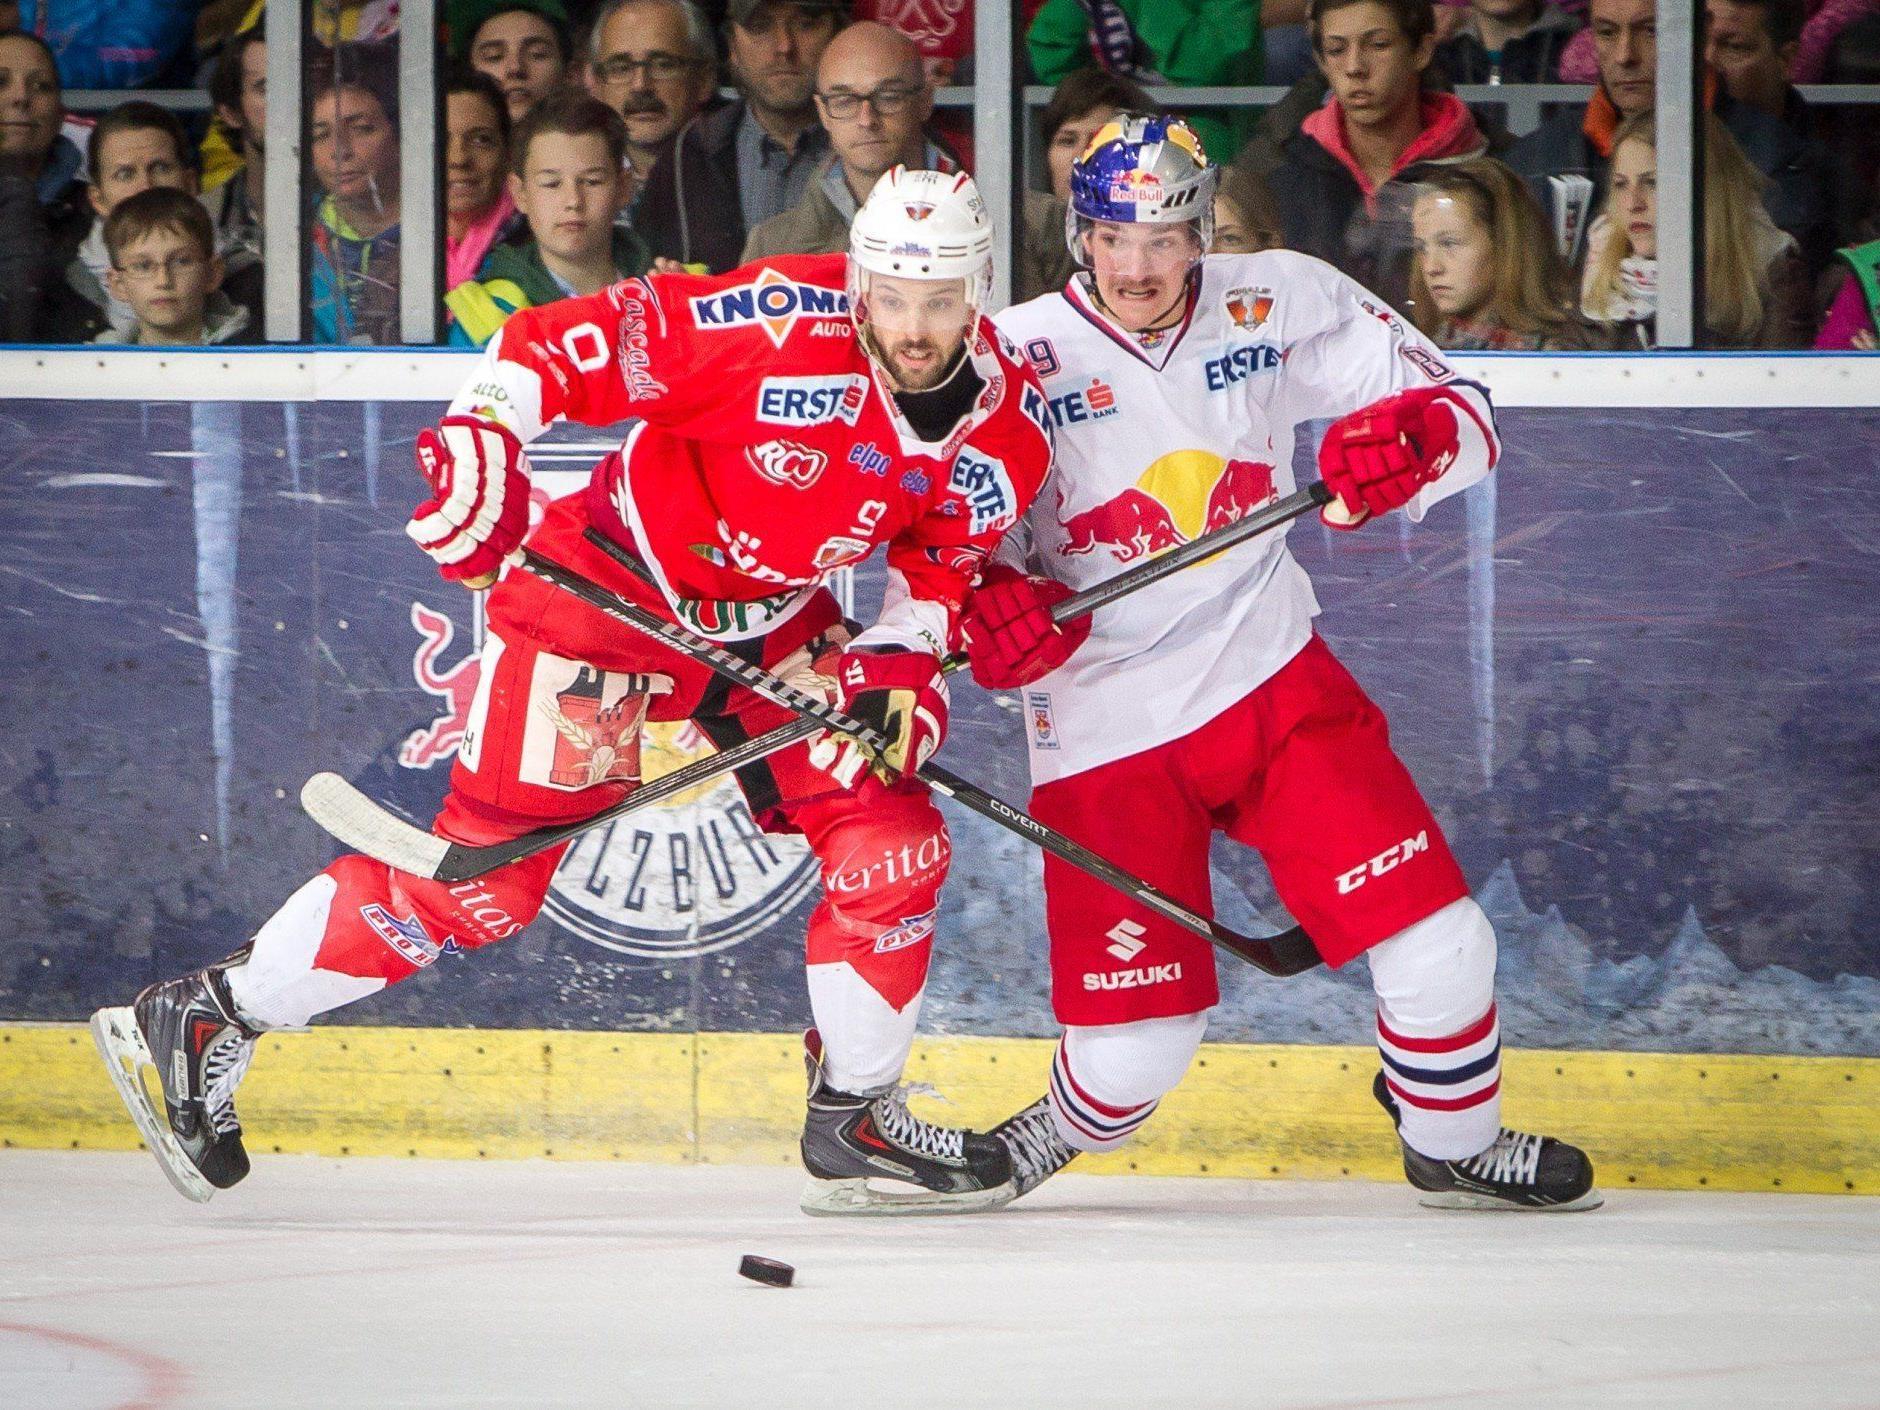 Die Eishockey-Saison startet mit dem Finale aus dem Vorjahr.